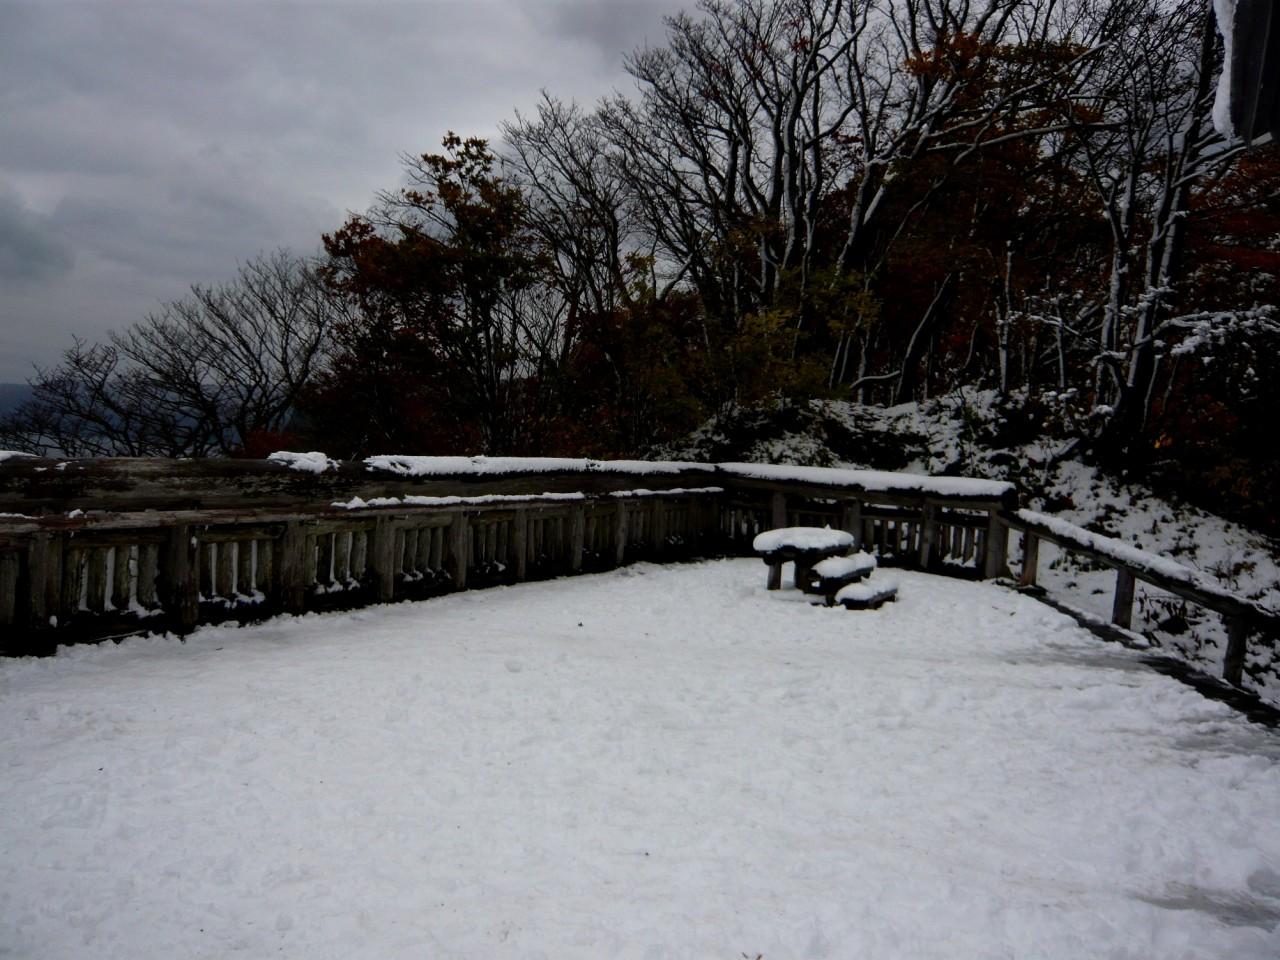 青森 風景 秋 冬 上北 十和田市 十和田湖 紅葉 雪 瞰湖台 展望台